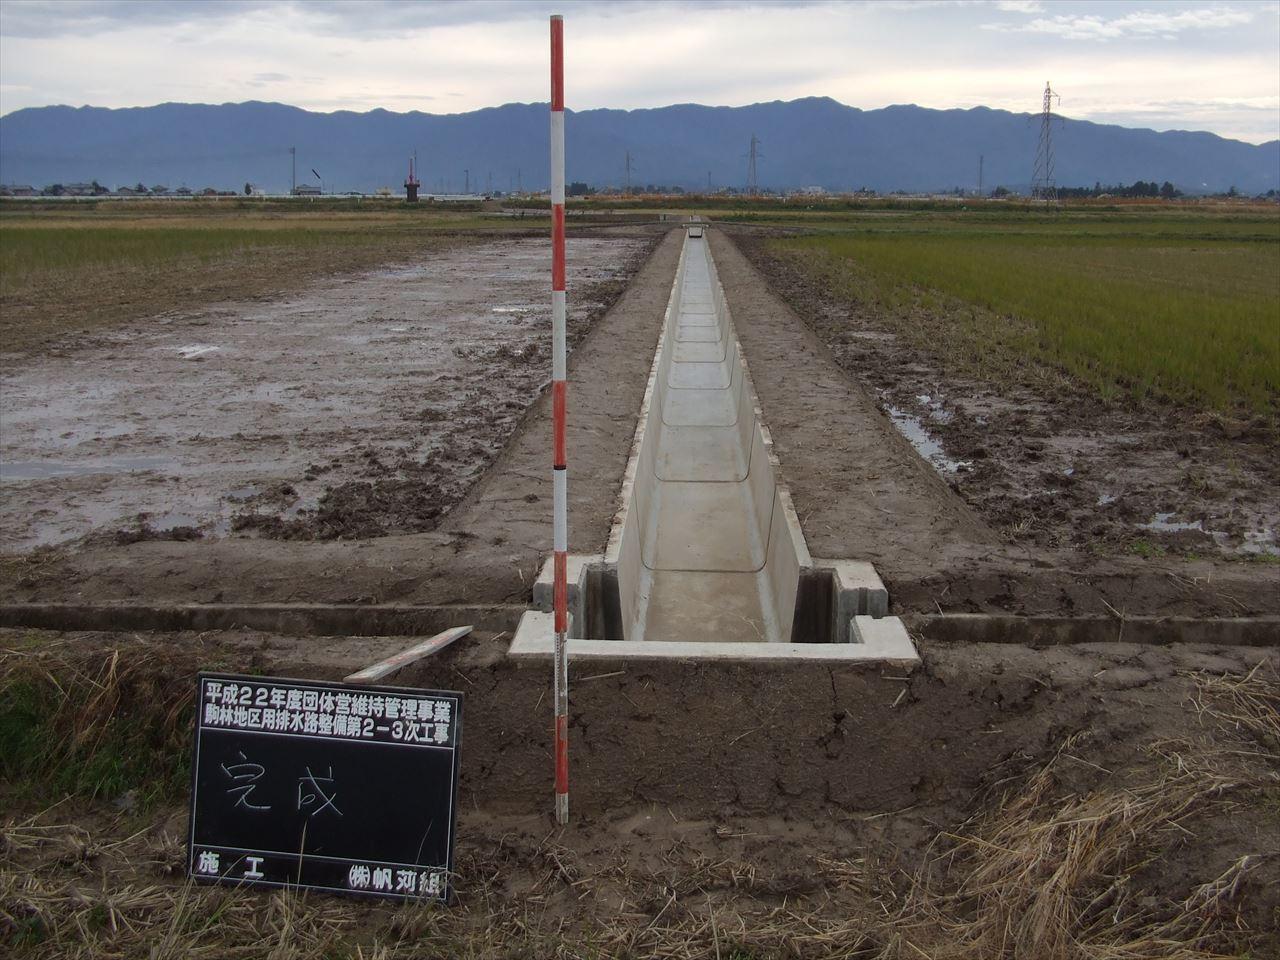 駒林地区用排水路整備2-3次工事